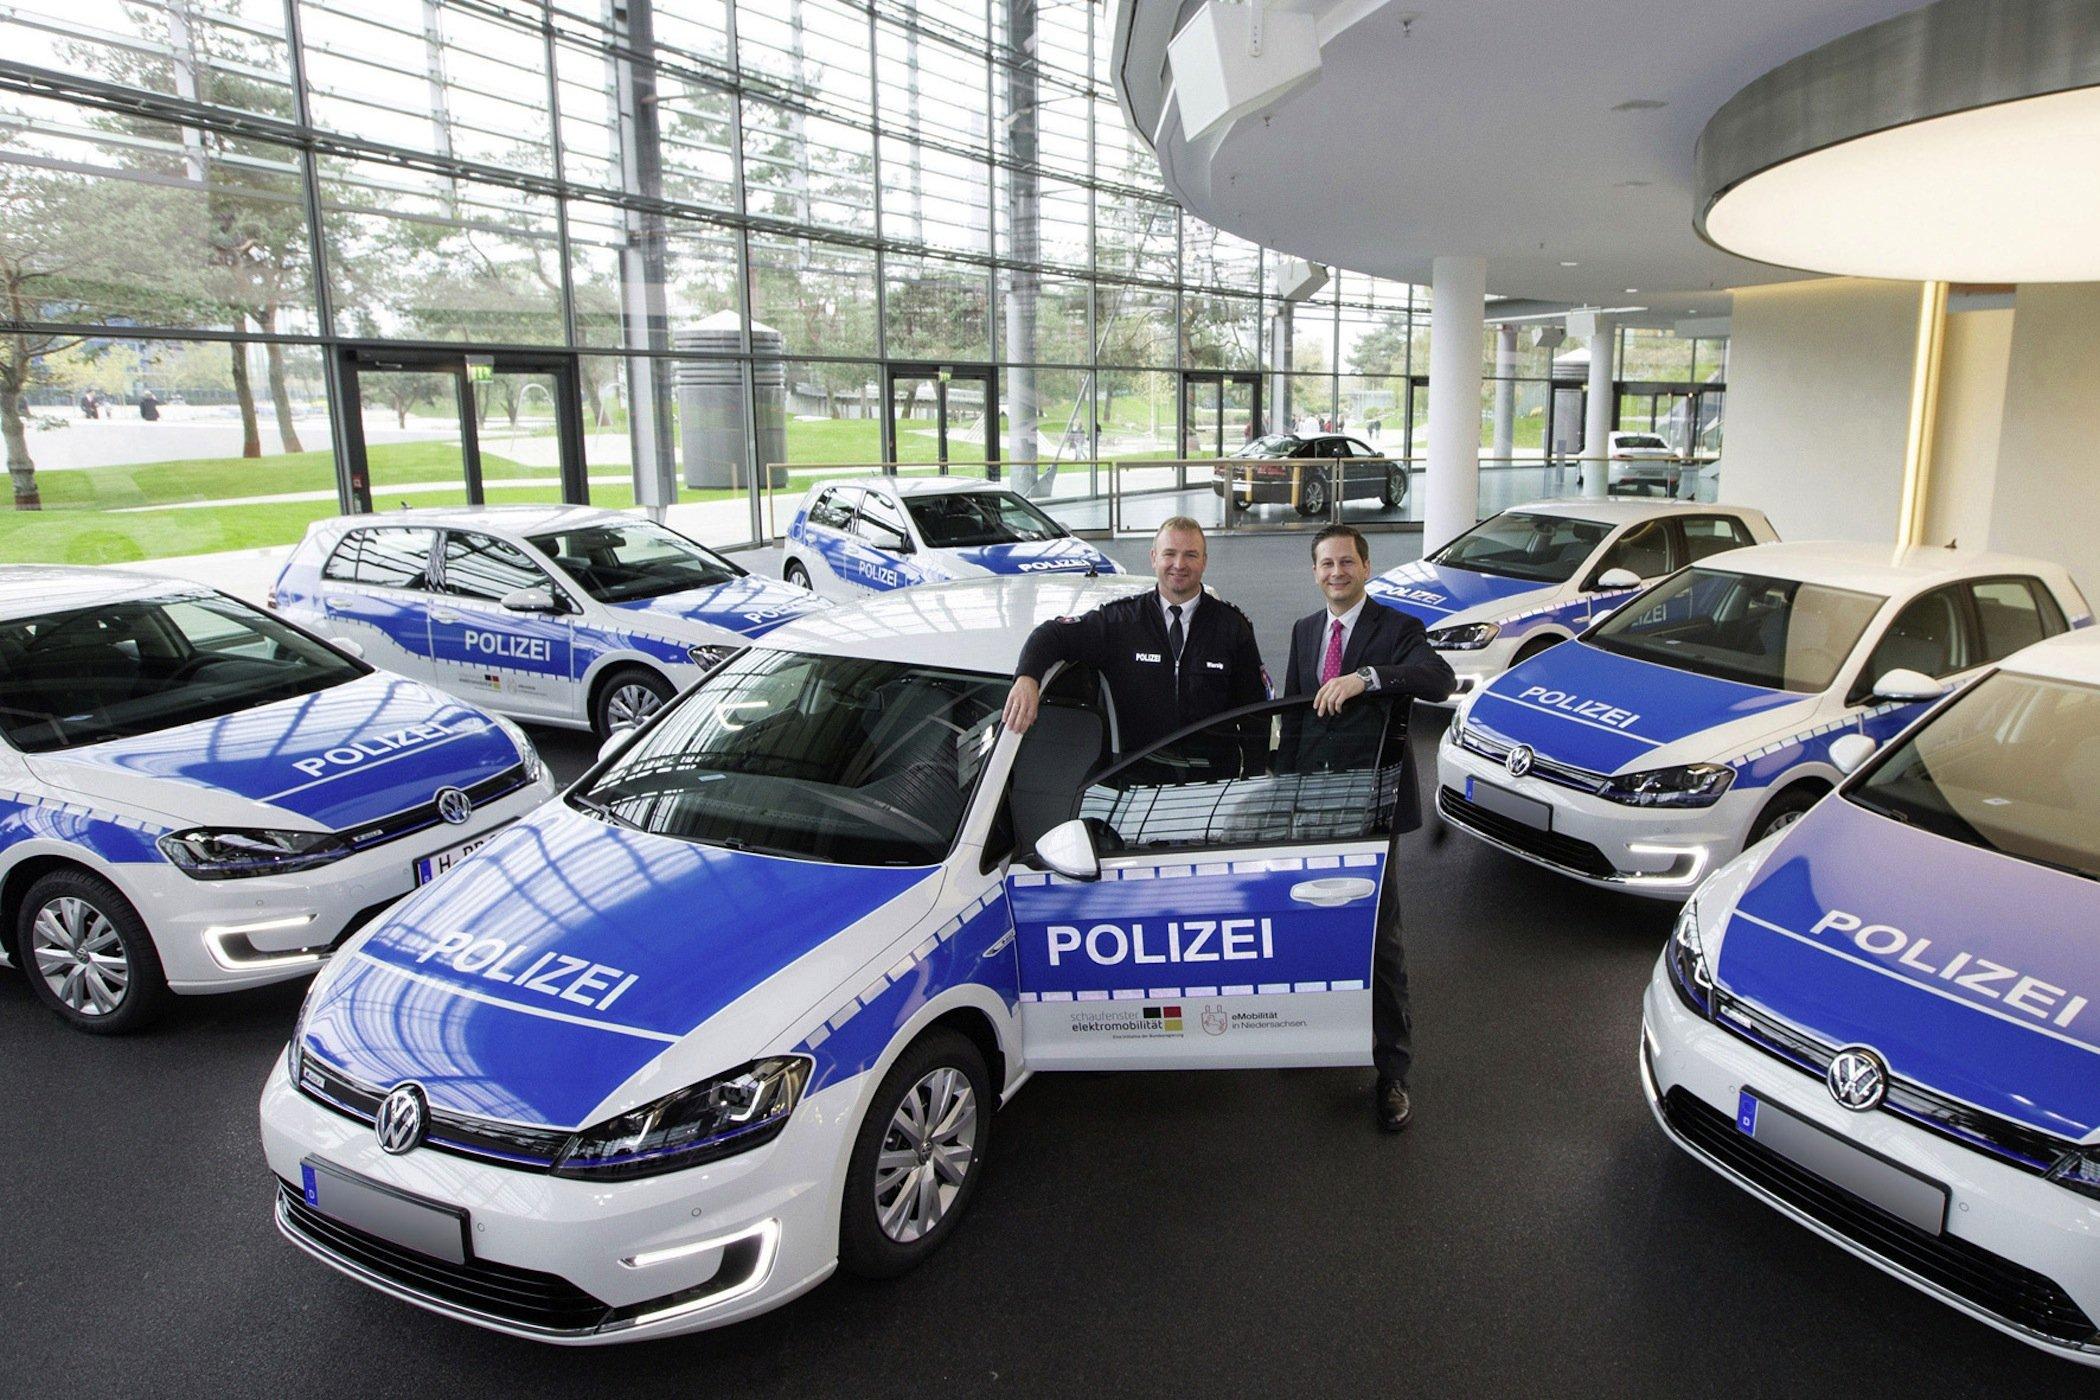 Das Land Niedersachsen hat sieben E-Golf-Modelle für die Polizei gekauft.